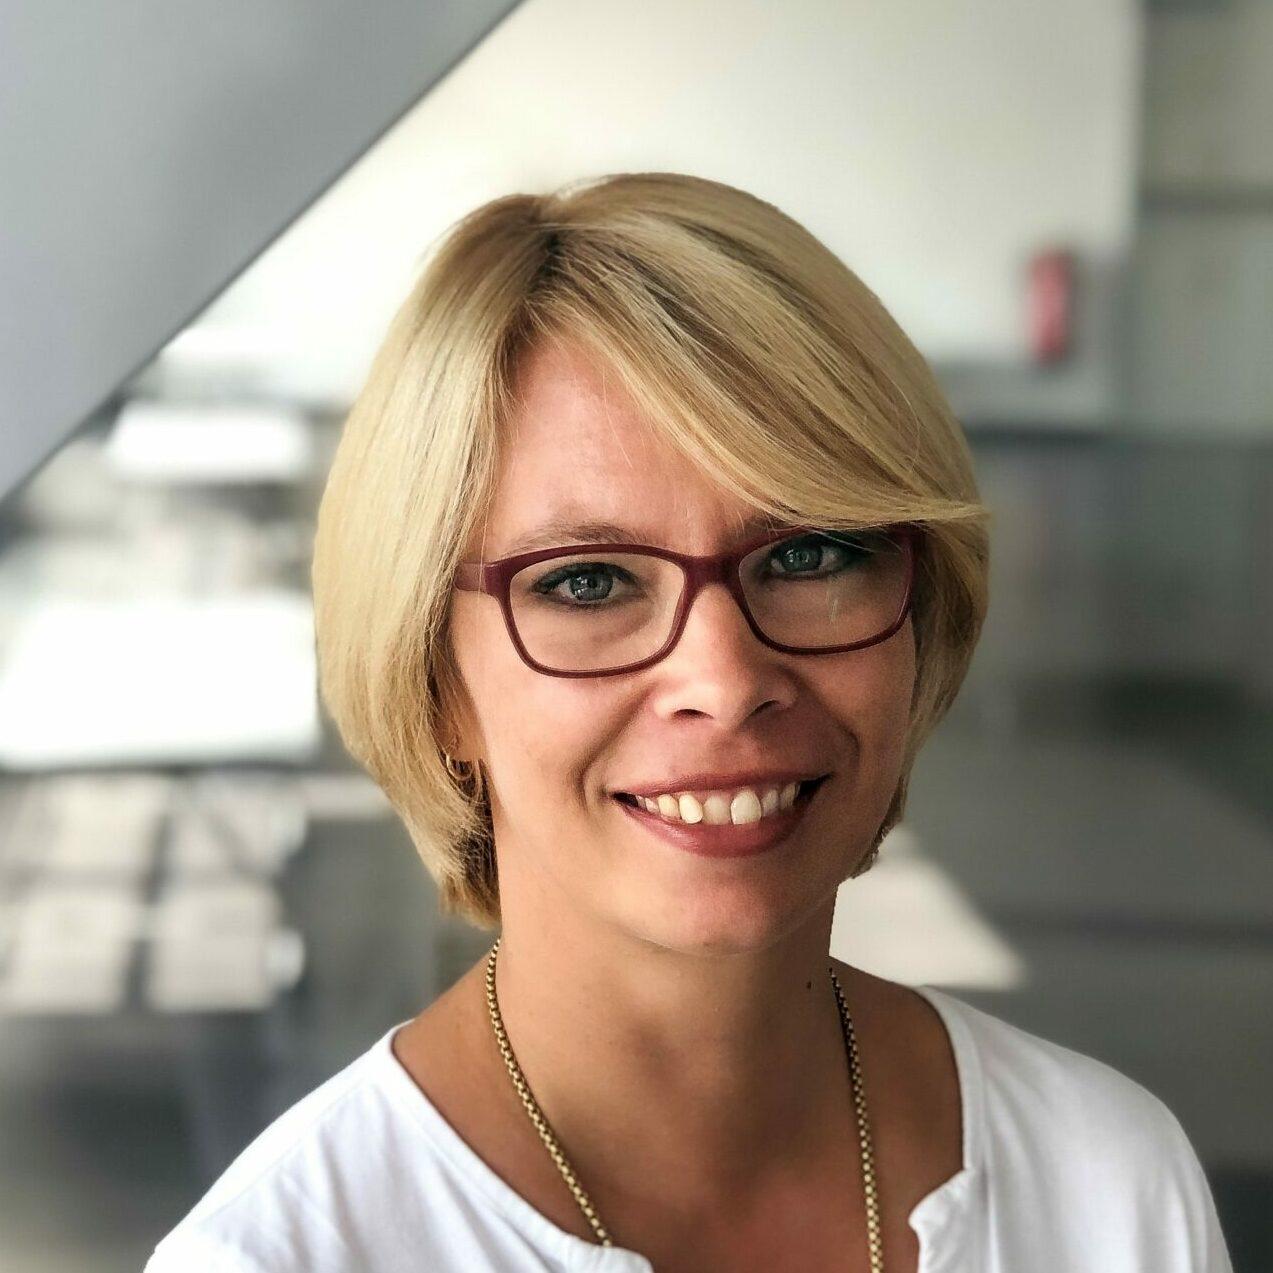 Dr. Magdalena Kaden